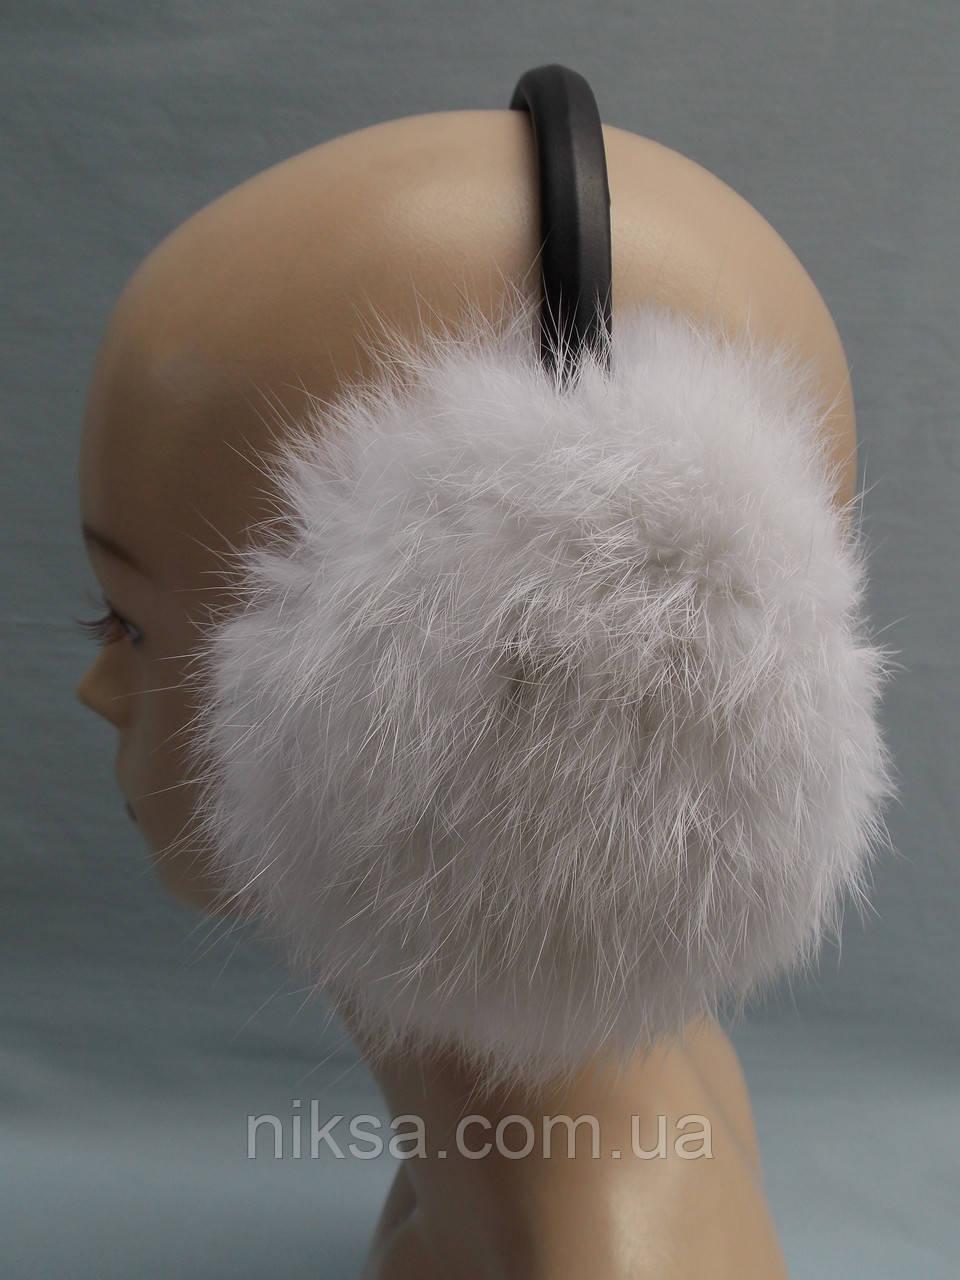 Женские меховые наушники из натурального меха кролика - Интернет-магазин